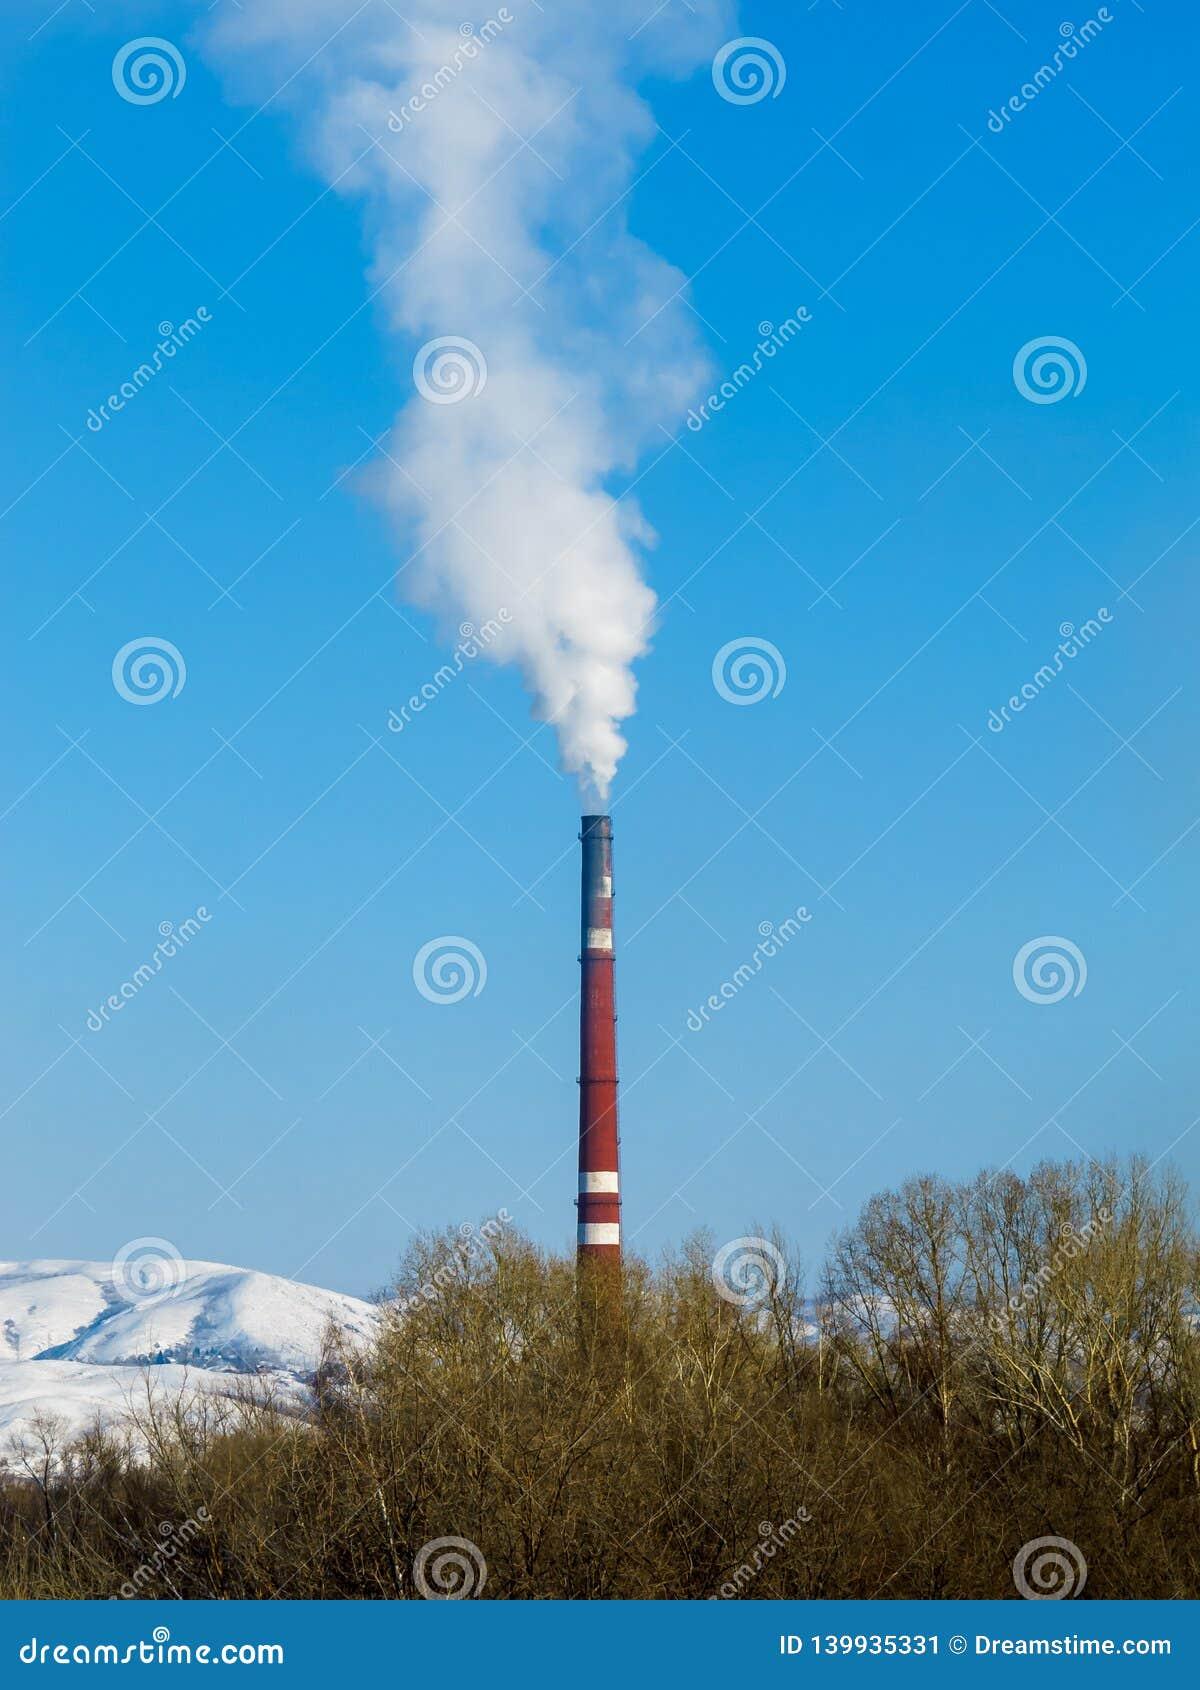 O fumo branco grosso sai da tubulação vermelha da fábrica contra um céu azul claro, umas montanhas nevados e umas copas de árvore